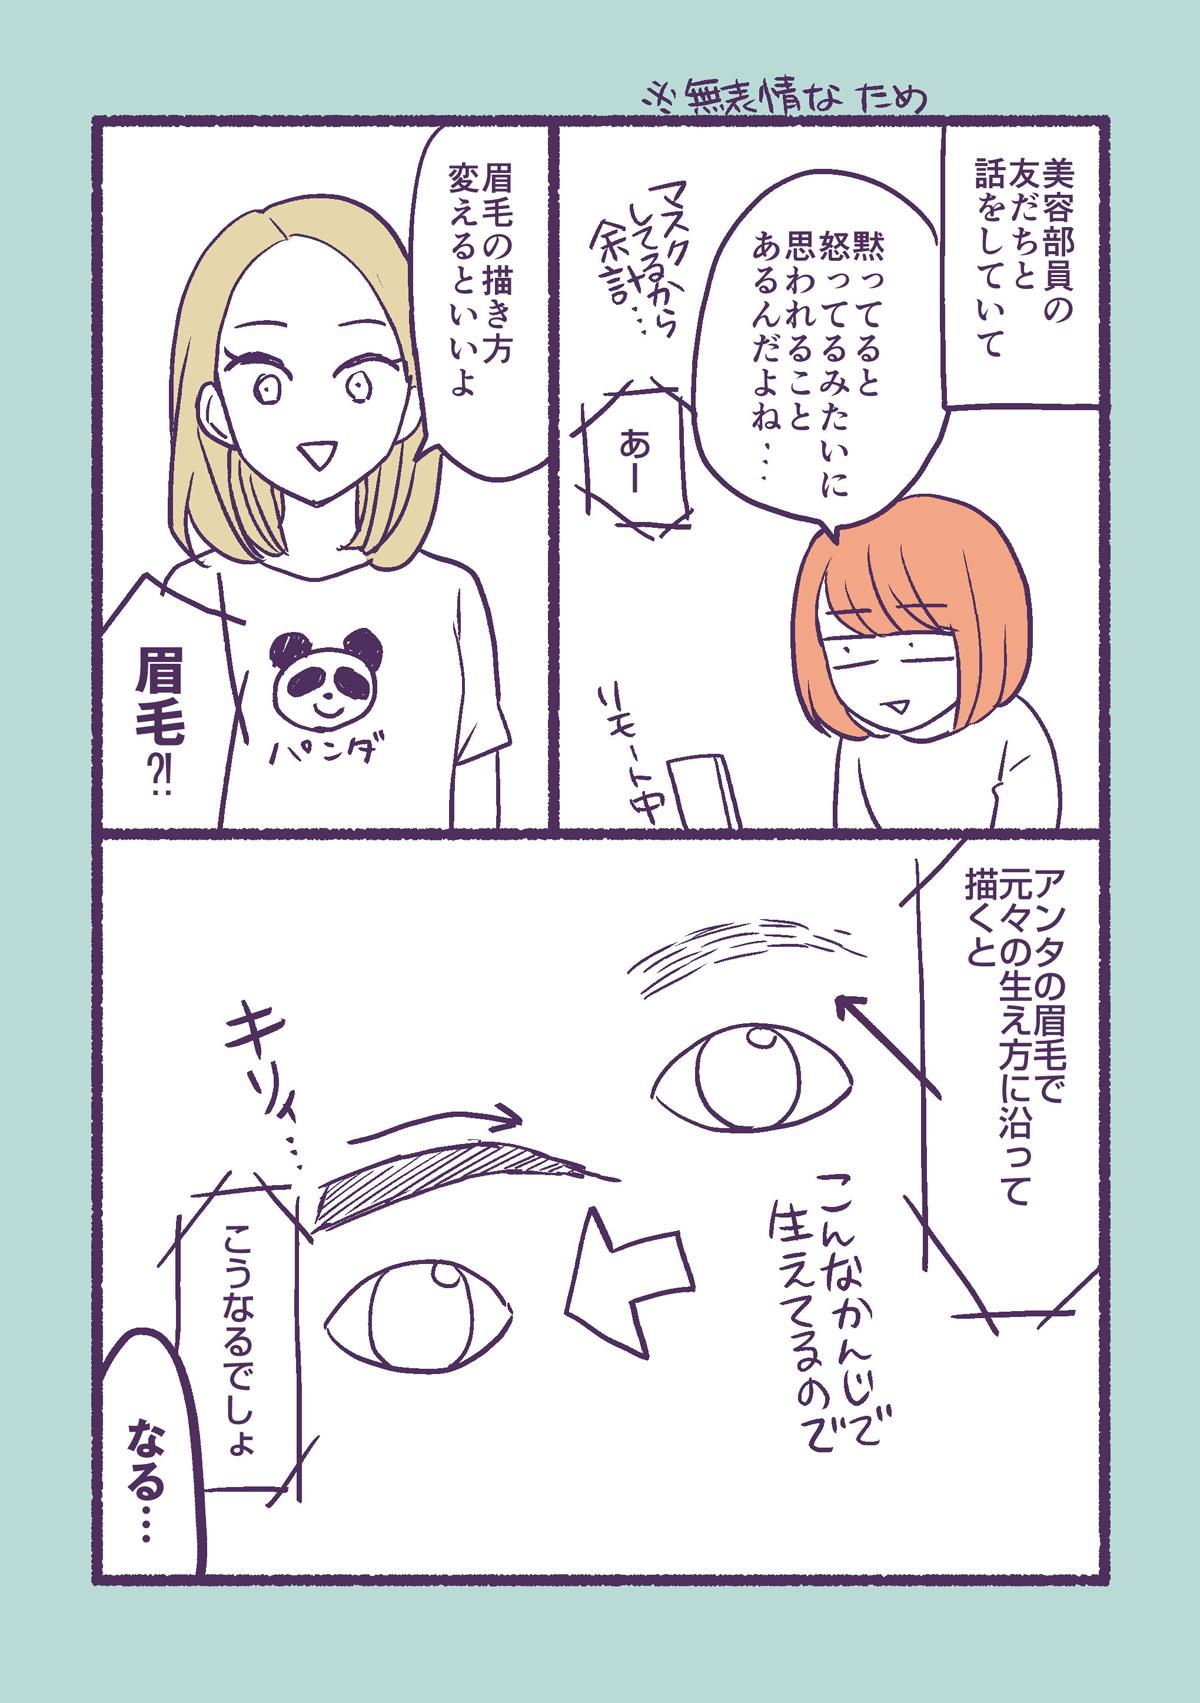 顔の印象を変えられる?オススメの眉毛の描き方!